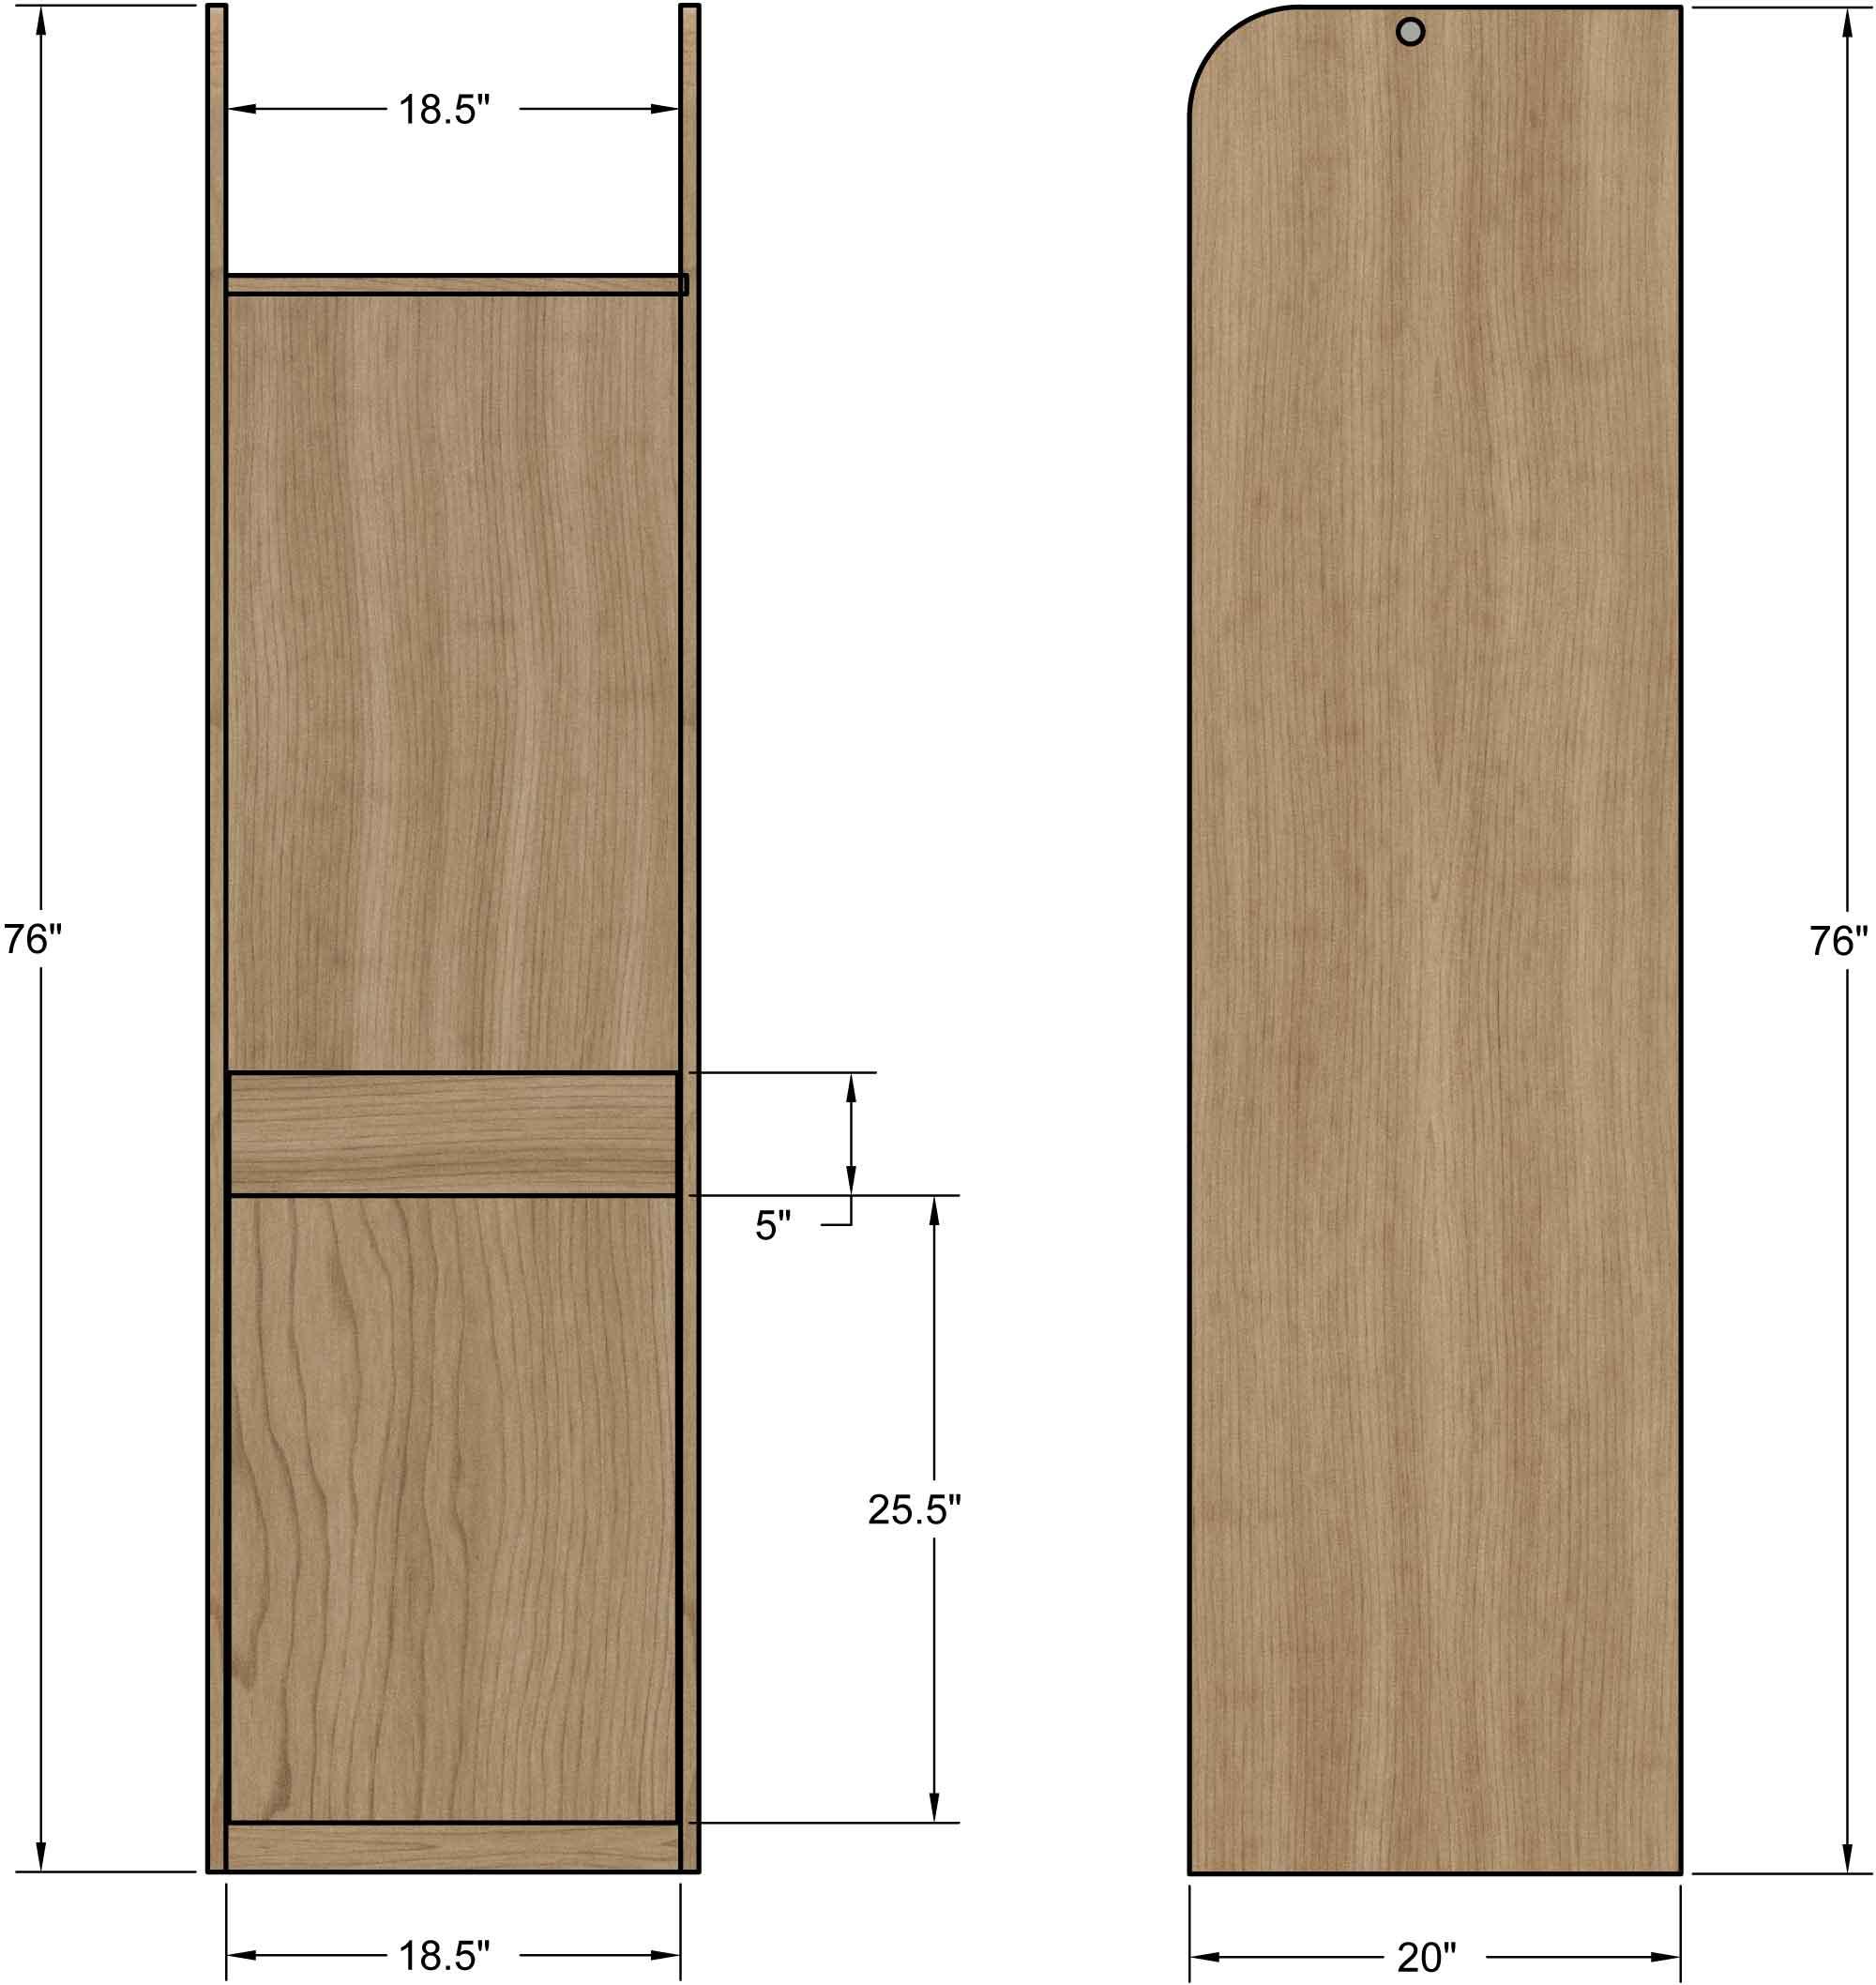 Closet-Divider-Drawing-v1.jpg